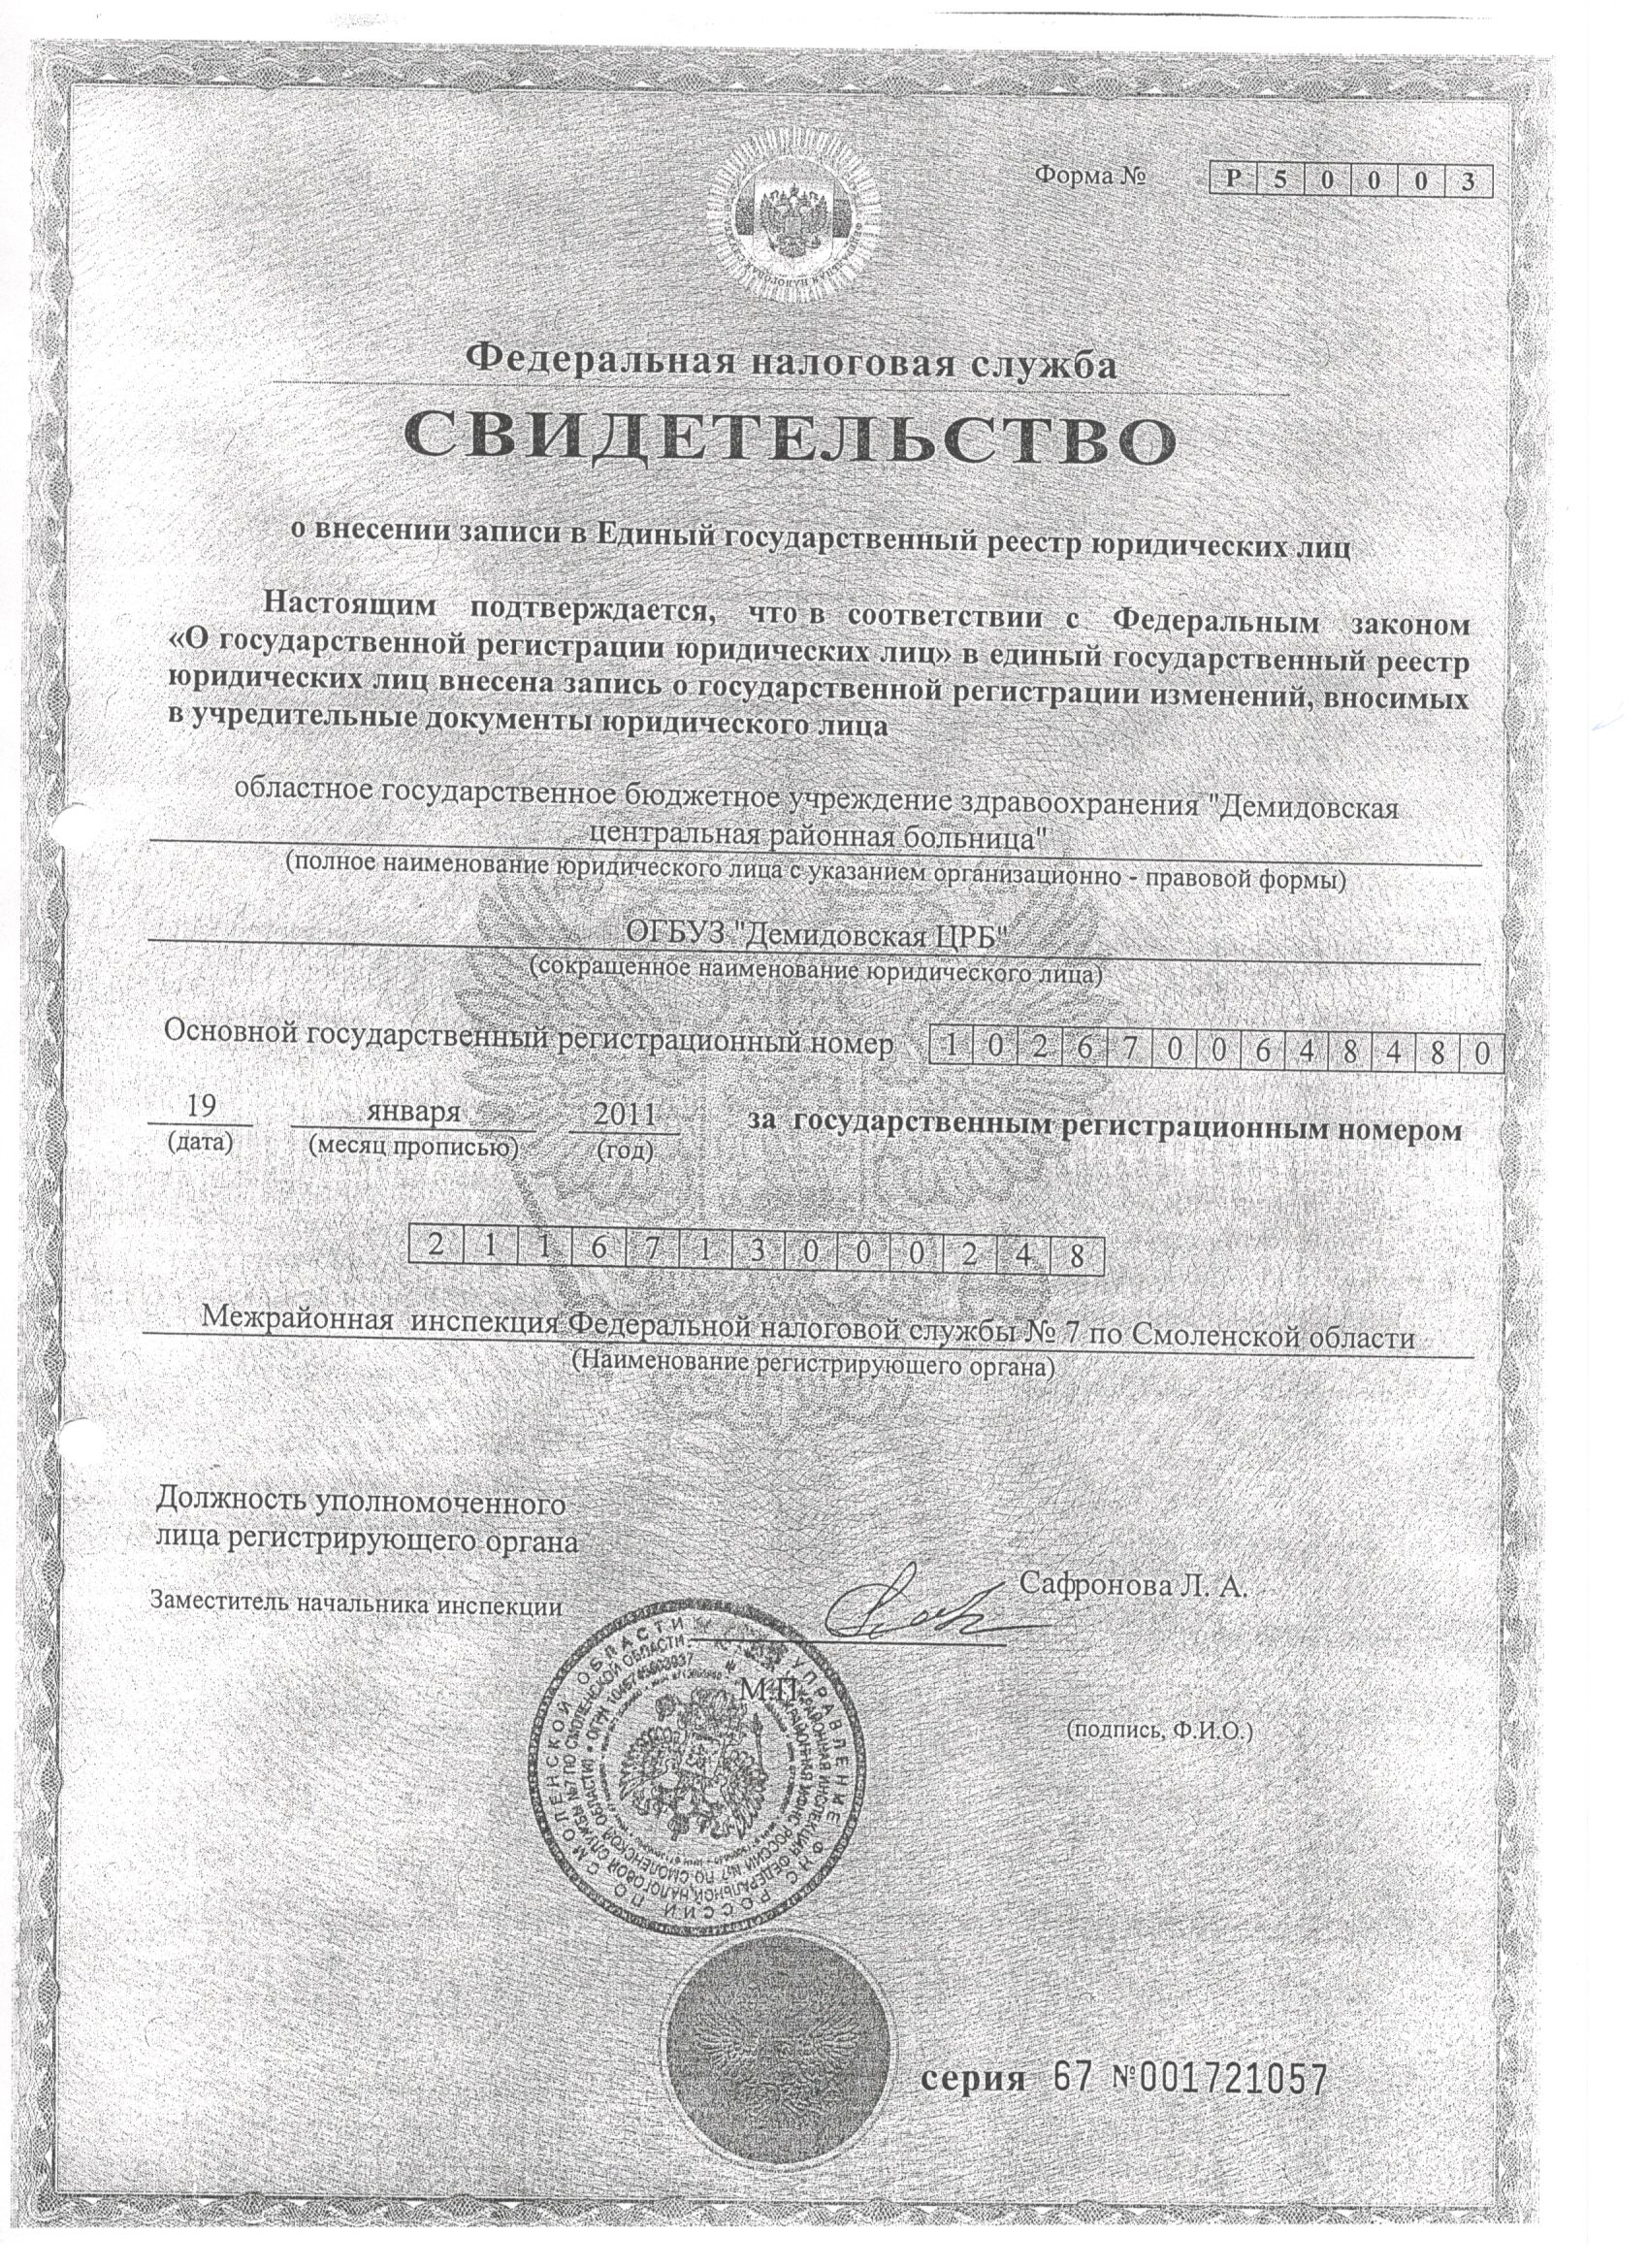 Дата государственной регистрации учреждения